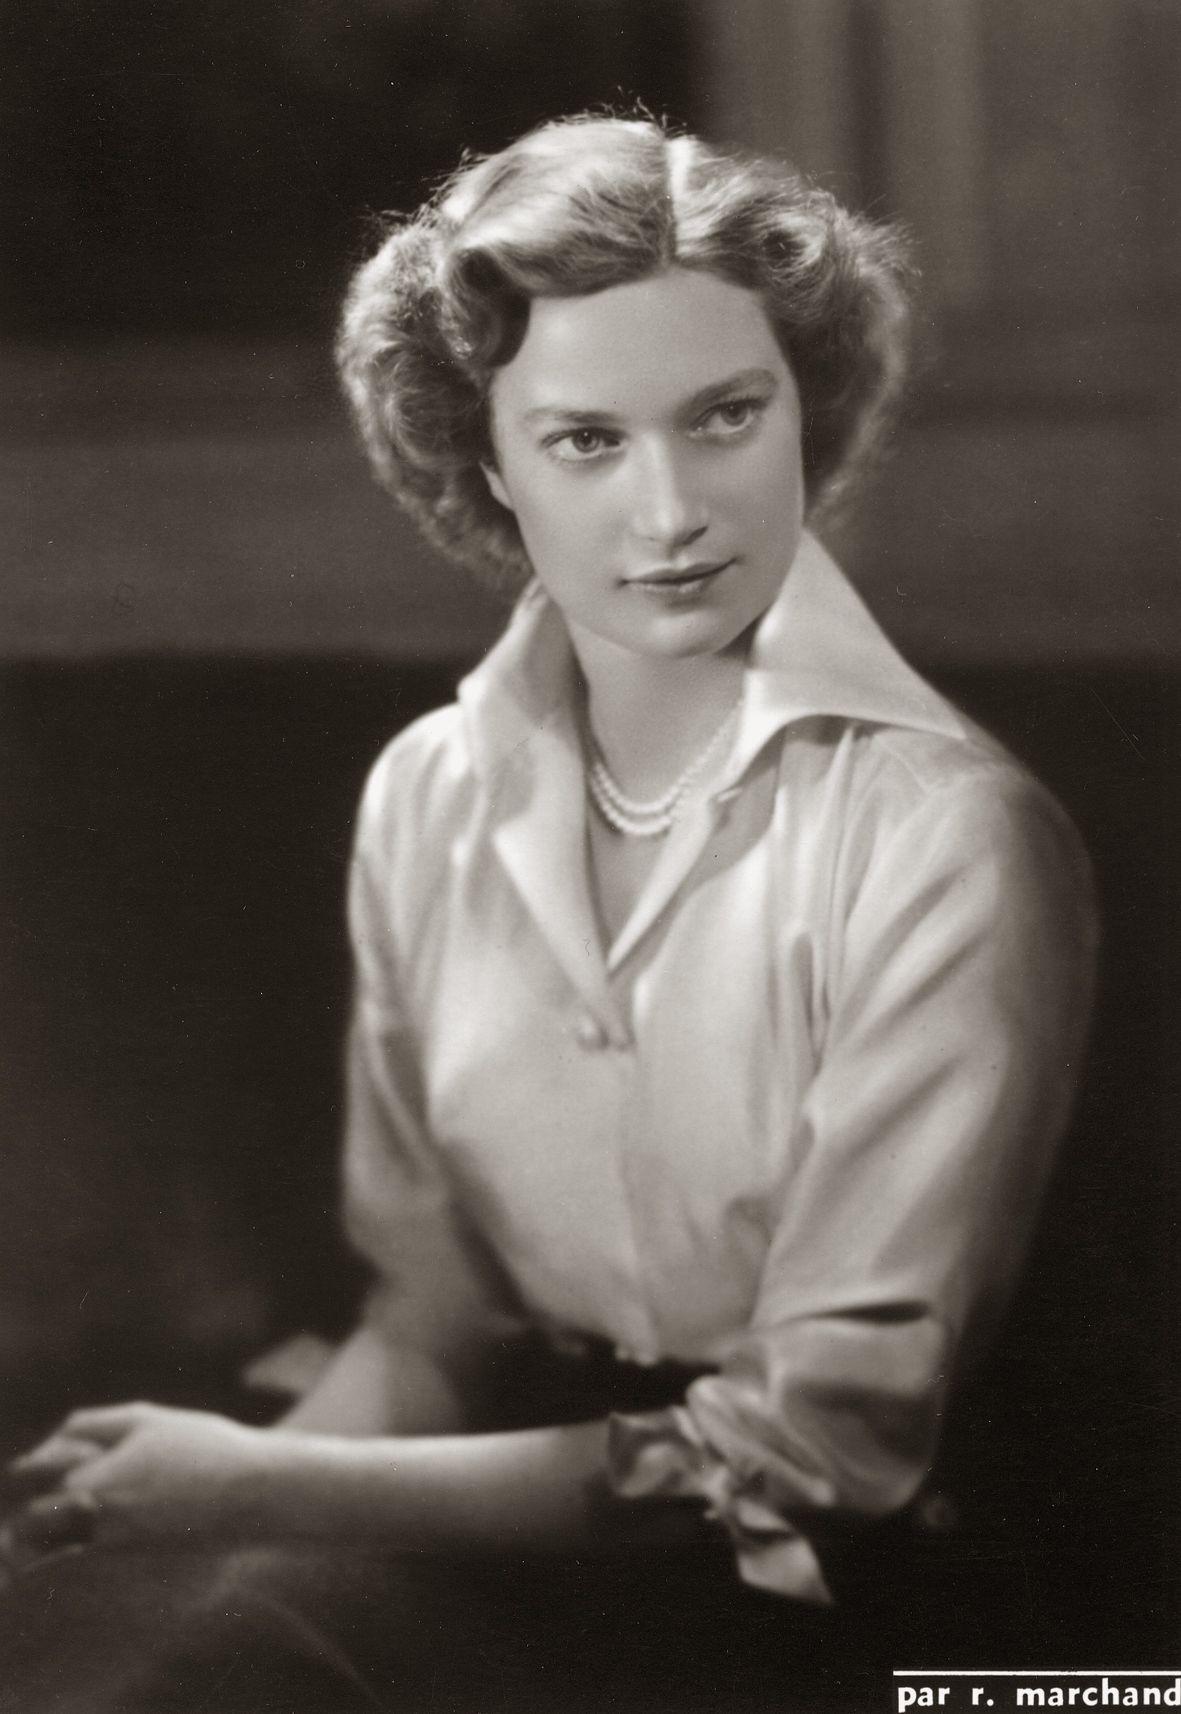 H.K.H. Josephine-Charlotte van België. 1950, bromide foto formaat 11 x 16 cm. Foto gemaakt door Robert Marchand, uit de verzameling van Wilfried Vandevelde.